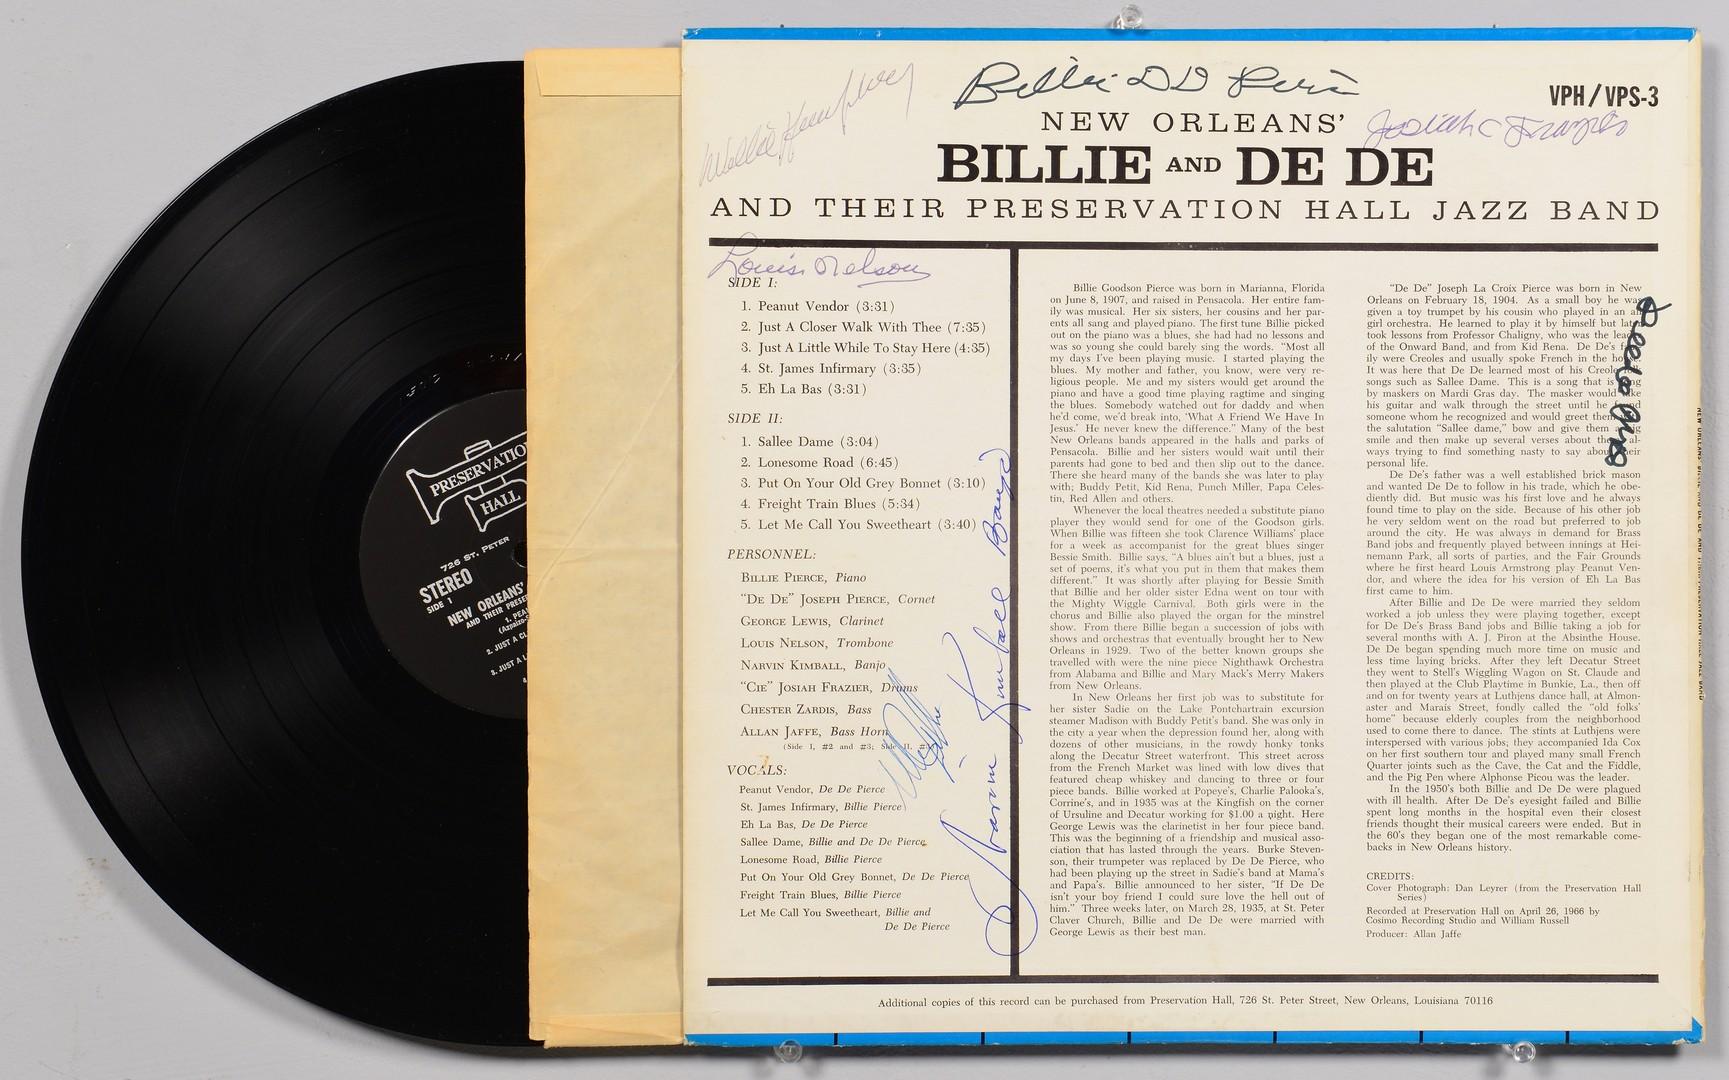 Lot 842: New Orleans autographed album, print